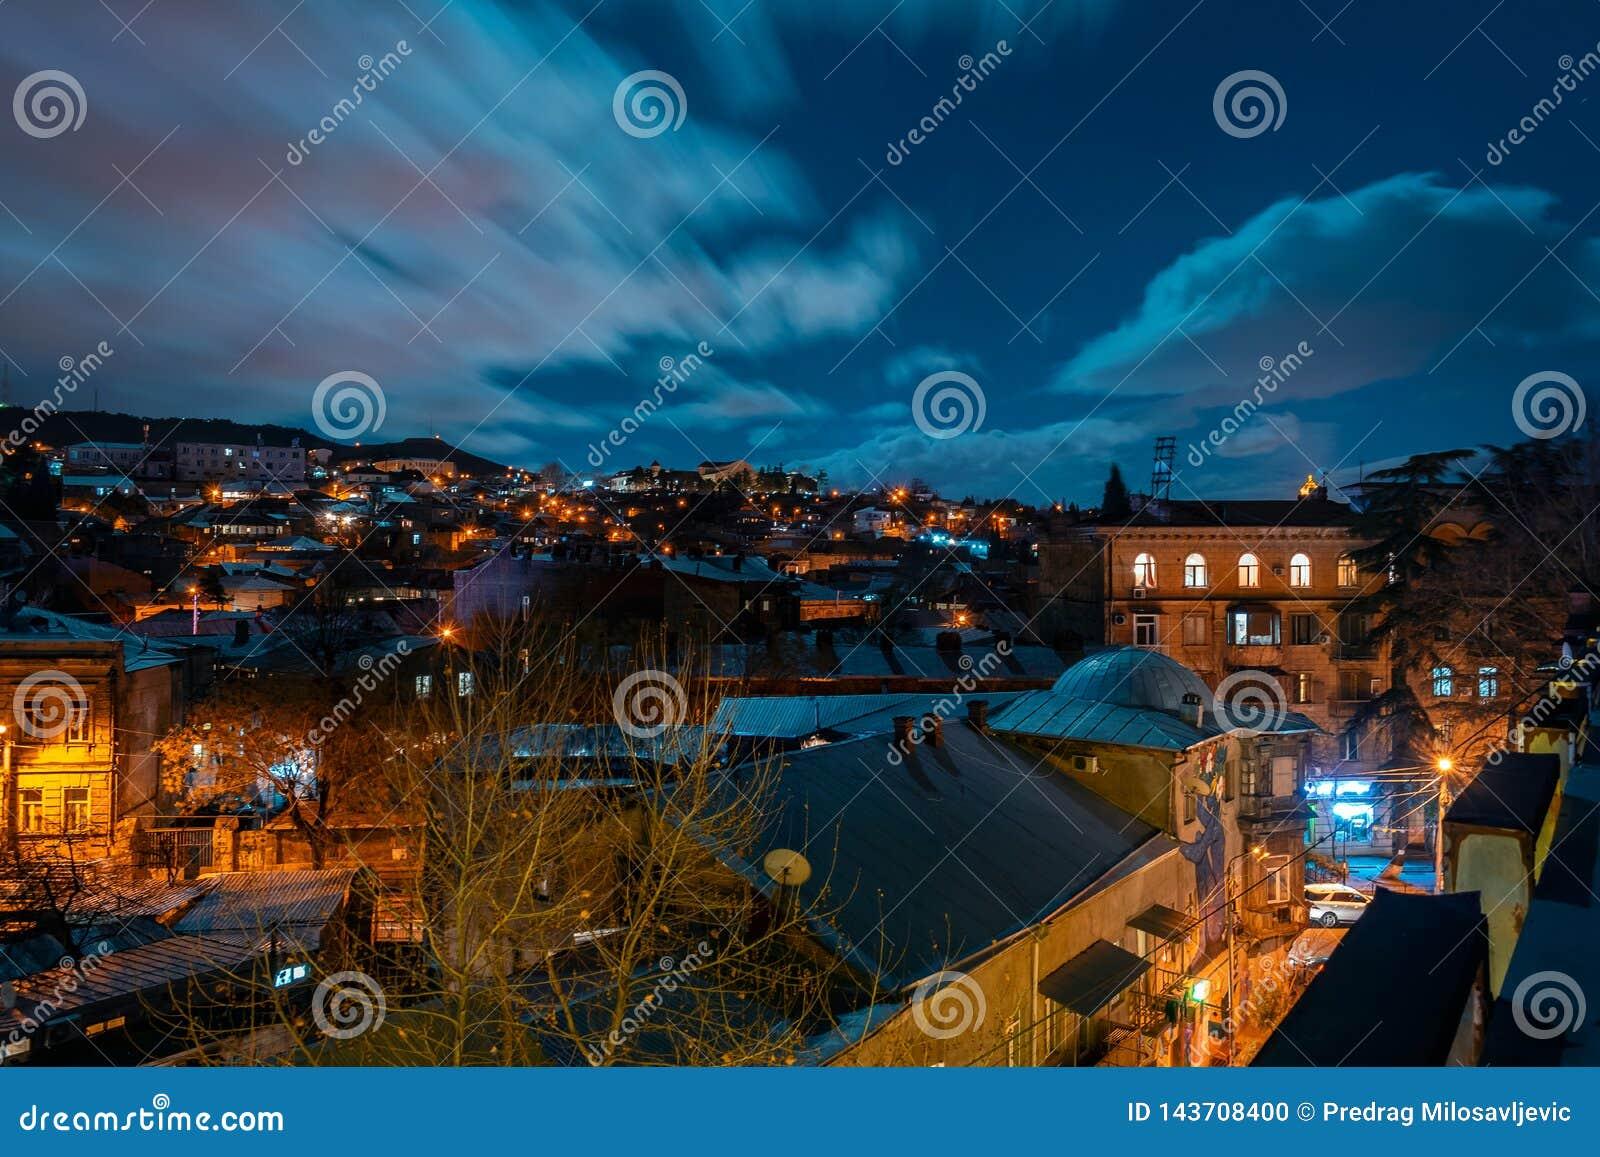 Georgië, Tbilisi - 05 02 2019 - Nachtcityscape mening Dikke wolken die zich over het hemelbeeld bewegen